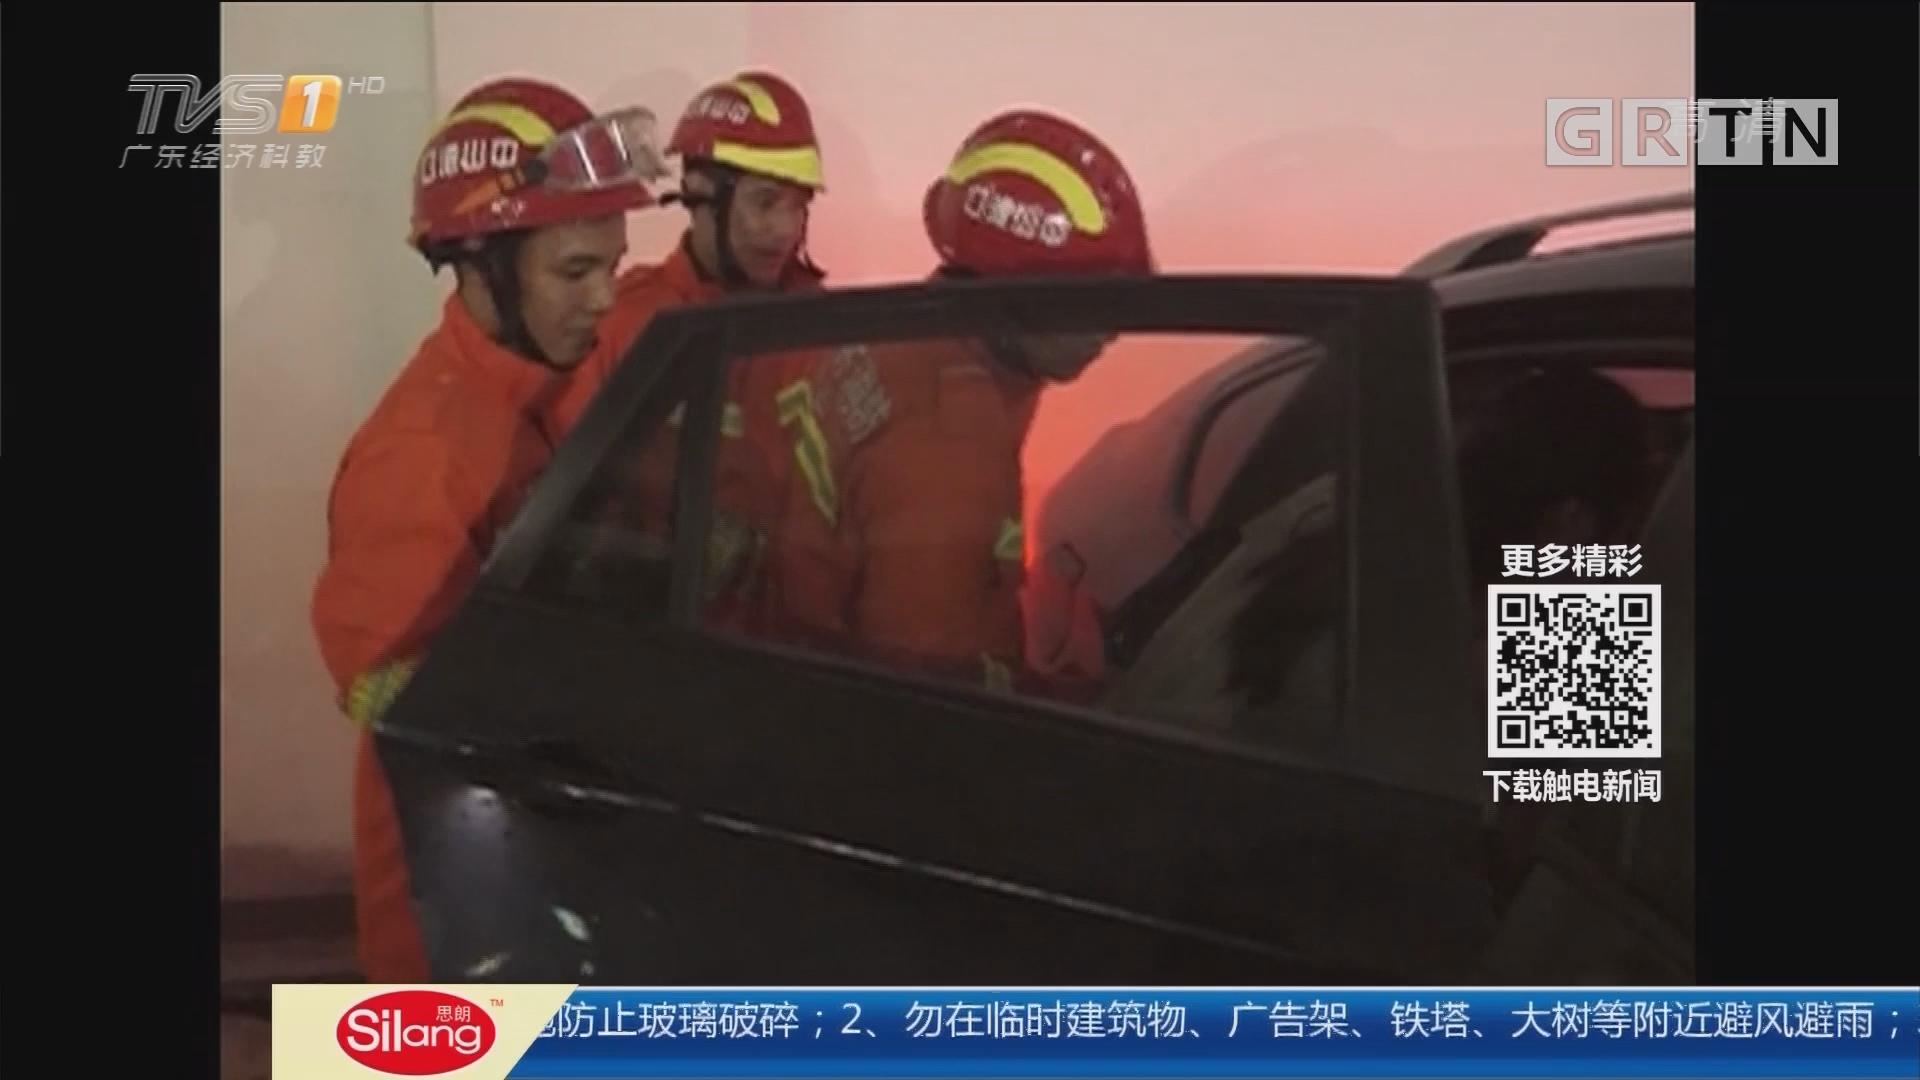 关注儿童安全:粗心妈妈把娃锁车内 消防砸窗救人